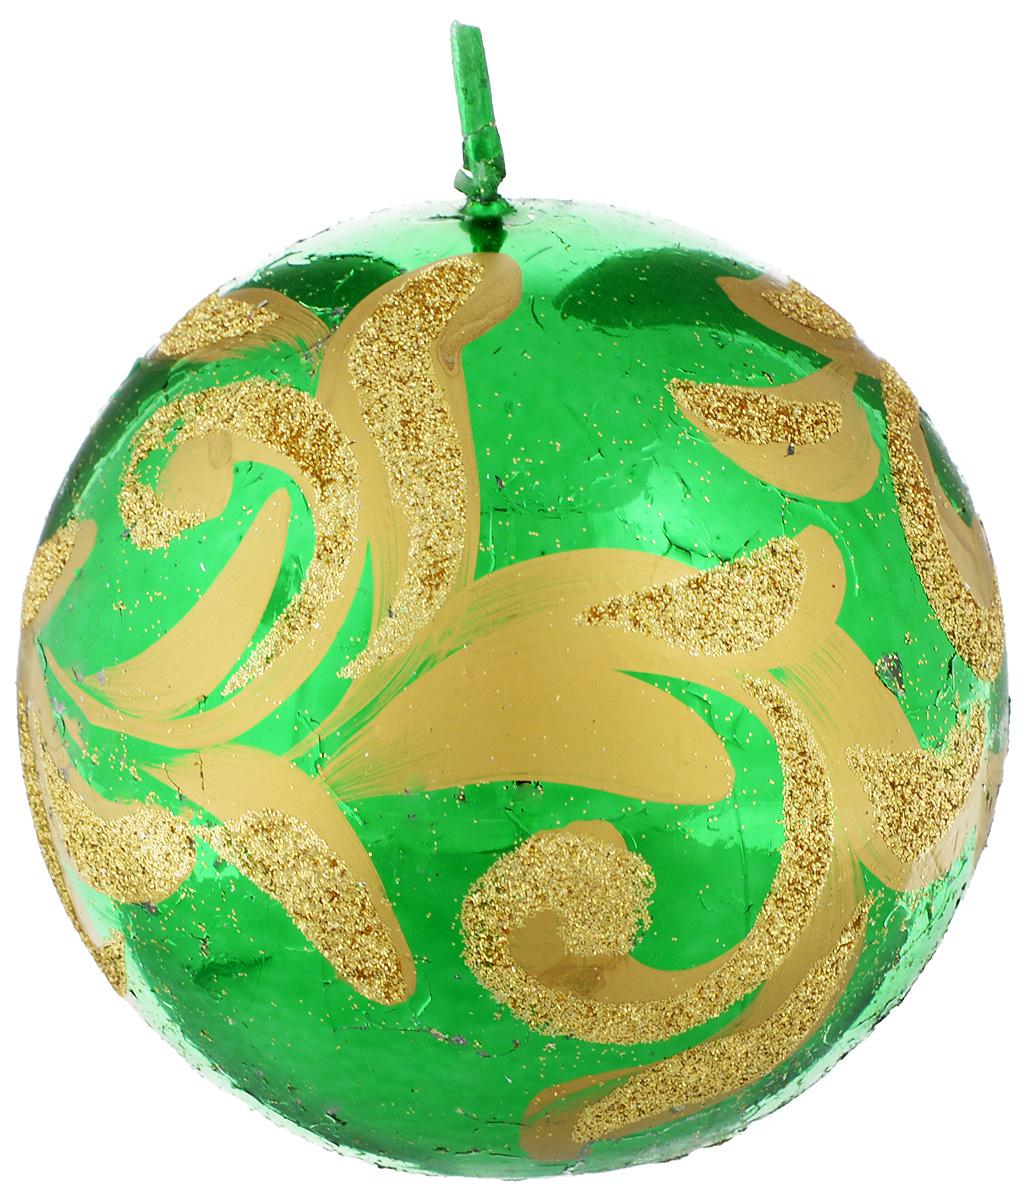 Свеча-шар Fem Флоренция, цвет: зеленый, золотой, диаметр 9 смFS-91909Свеча-шар Fem Флоренция изготовлена из парафина и декорирована изящным узором с блестками. Такая свеча станет изысканным украшением интерьера. Она принесет в ваш дом волшебство и ощущение праздника. Создайте в своем доме атмосферу веселья и радости, и тогда самый обычный день с легкостью превратится в торжество.